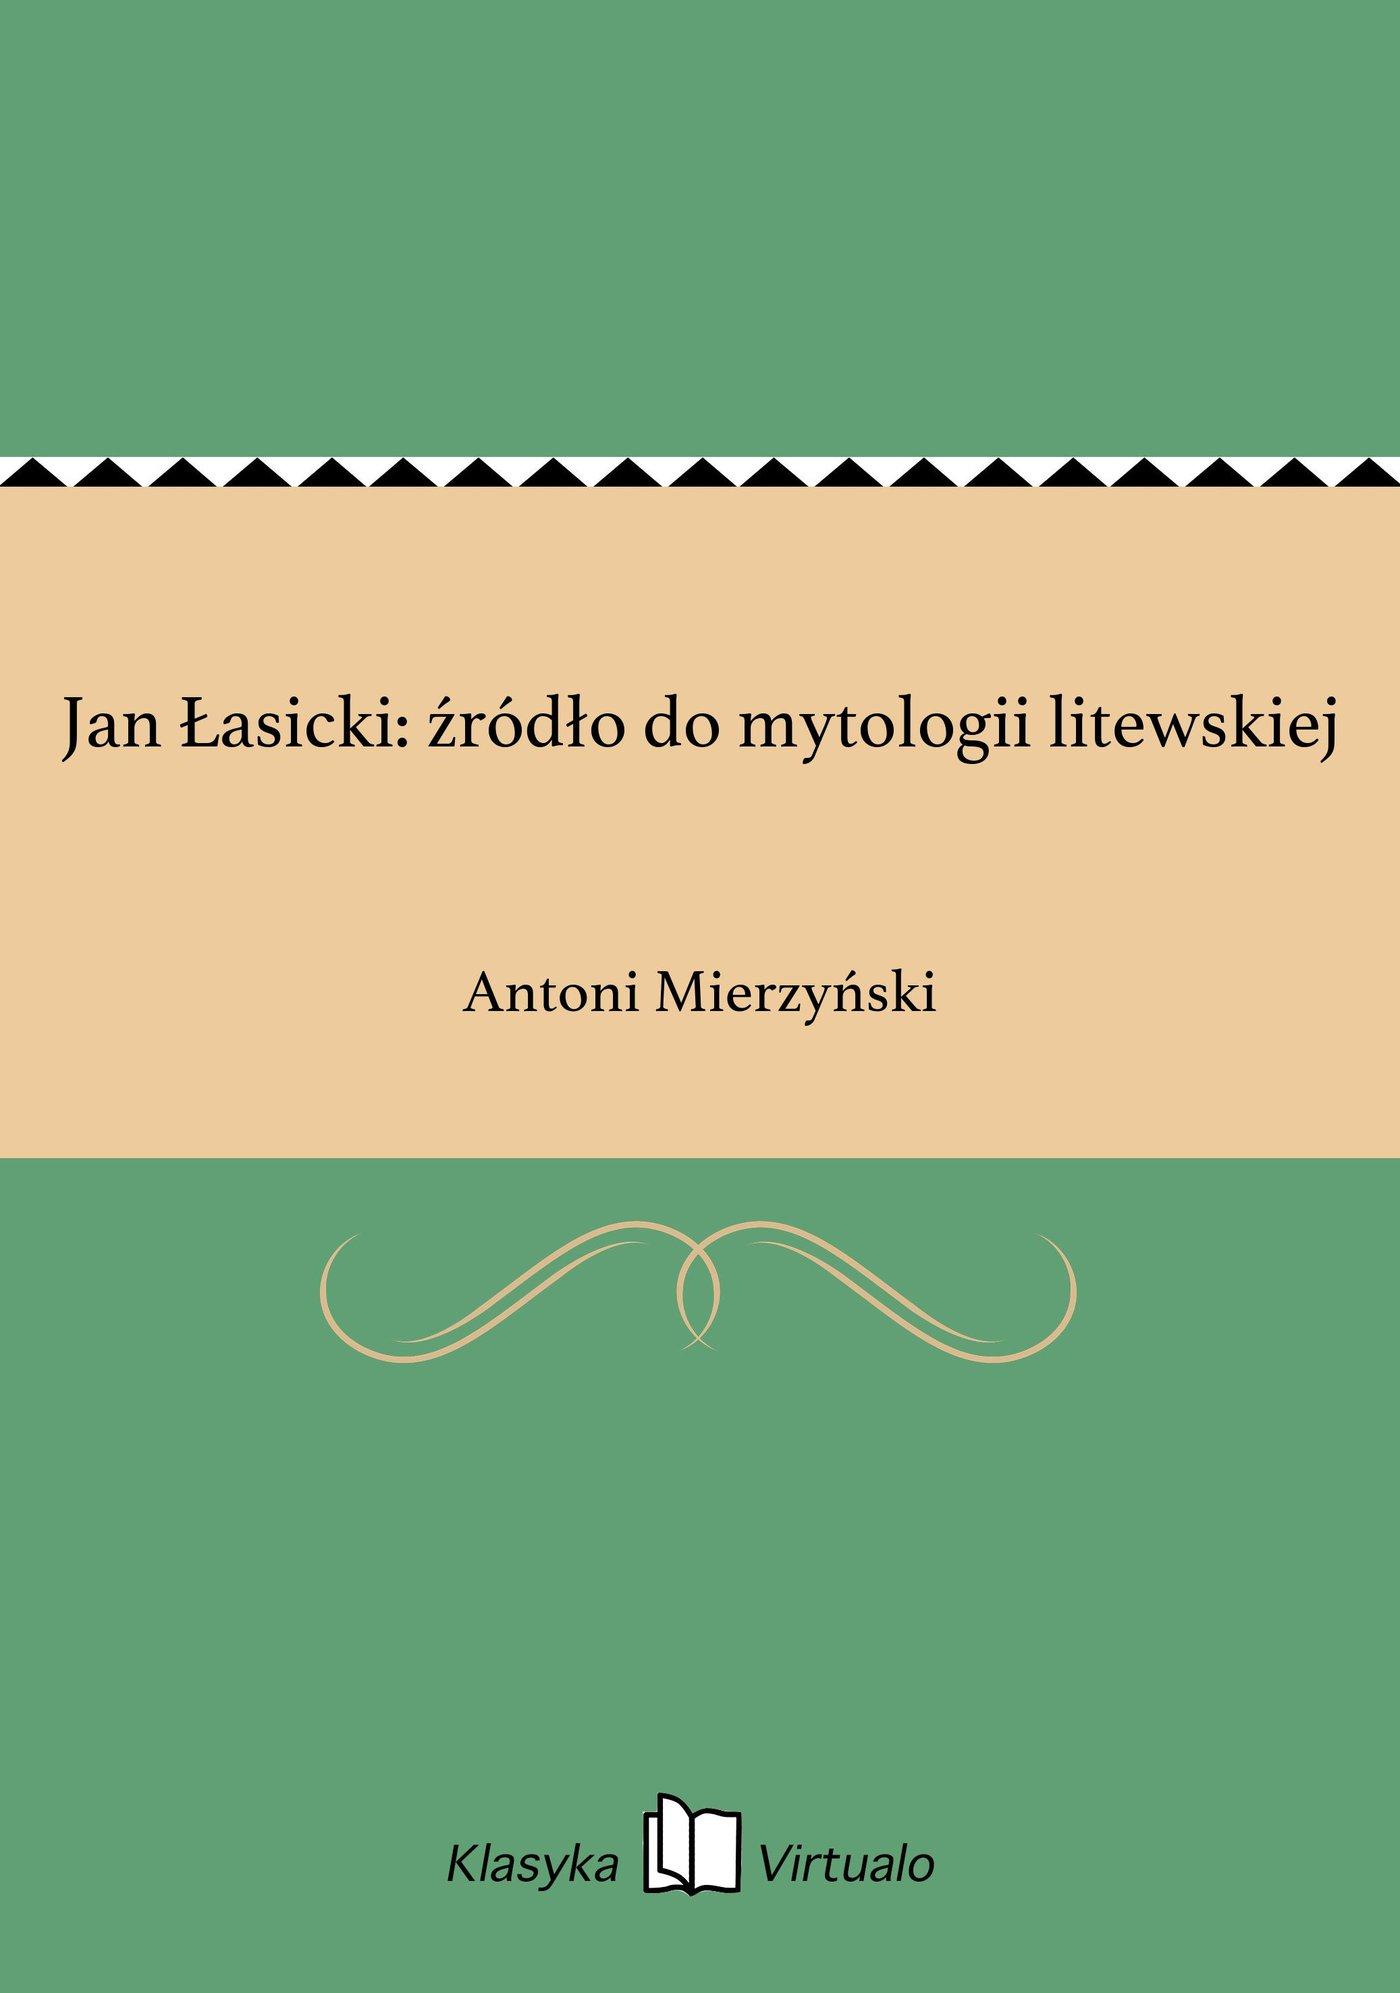 Jan Łasicki: źródło do mytologii litewskiej - Ebook (Książka EPUB) do pobrania w formacie EPUB